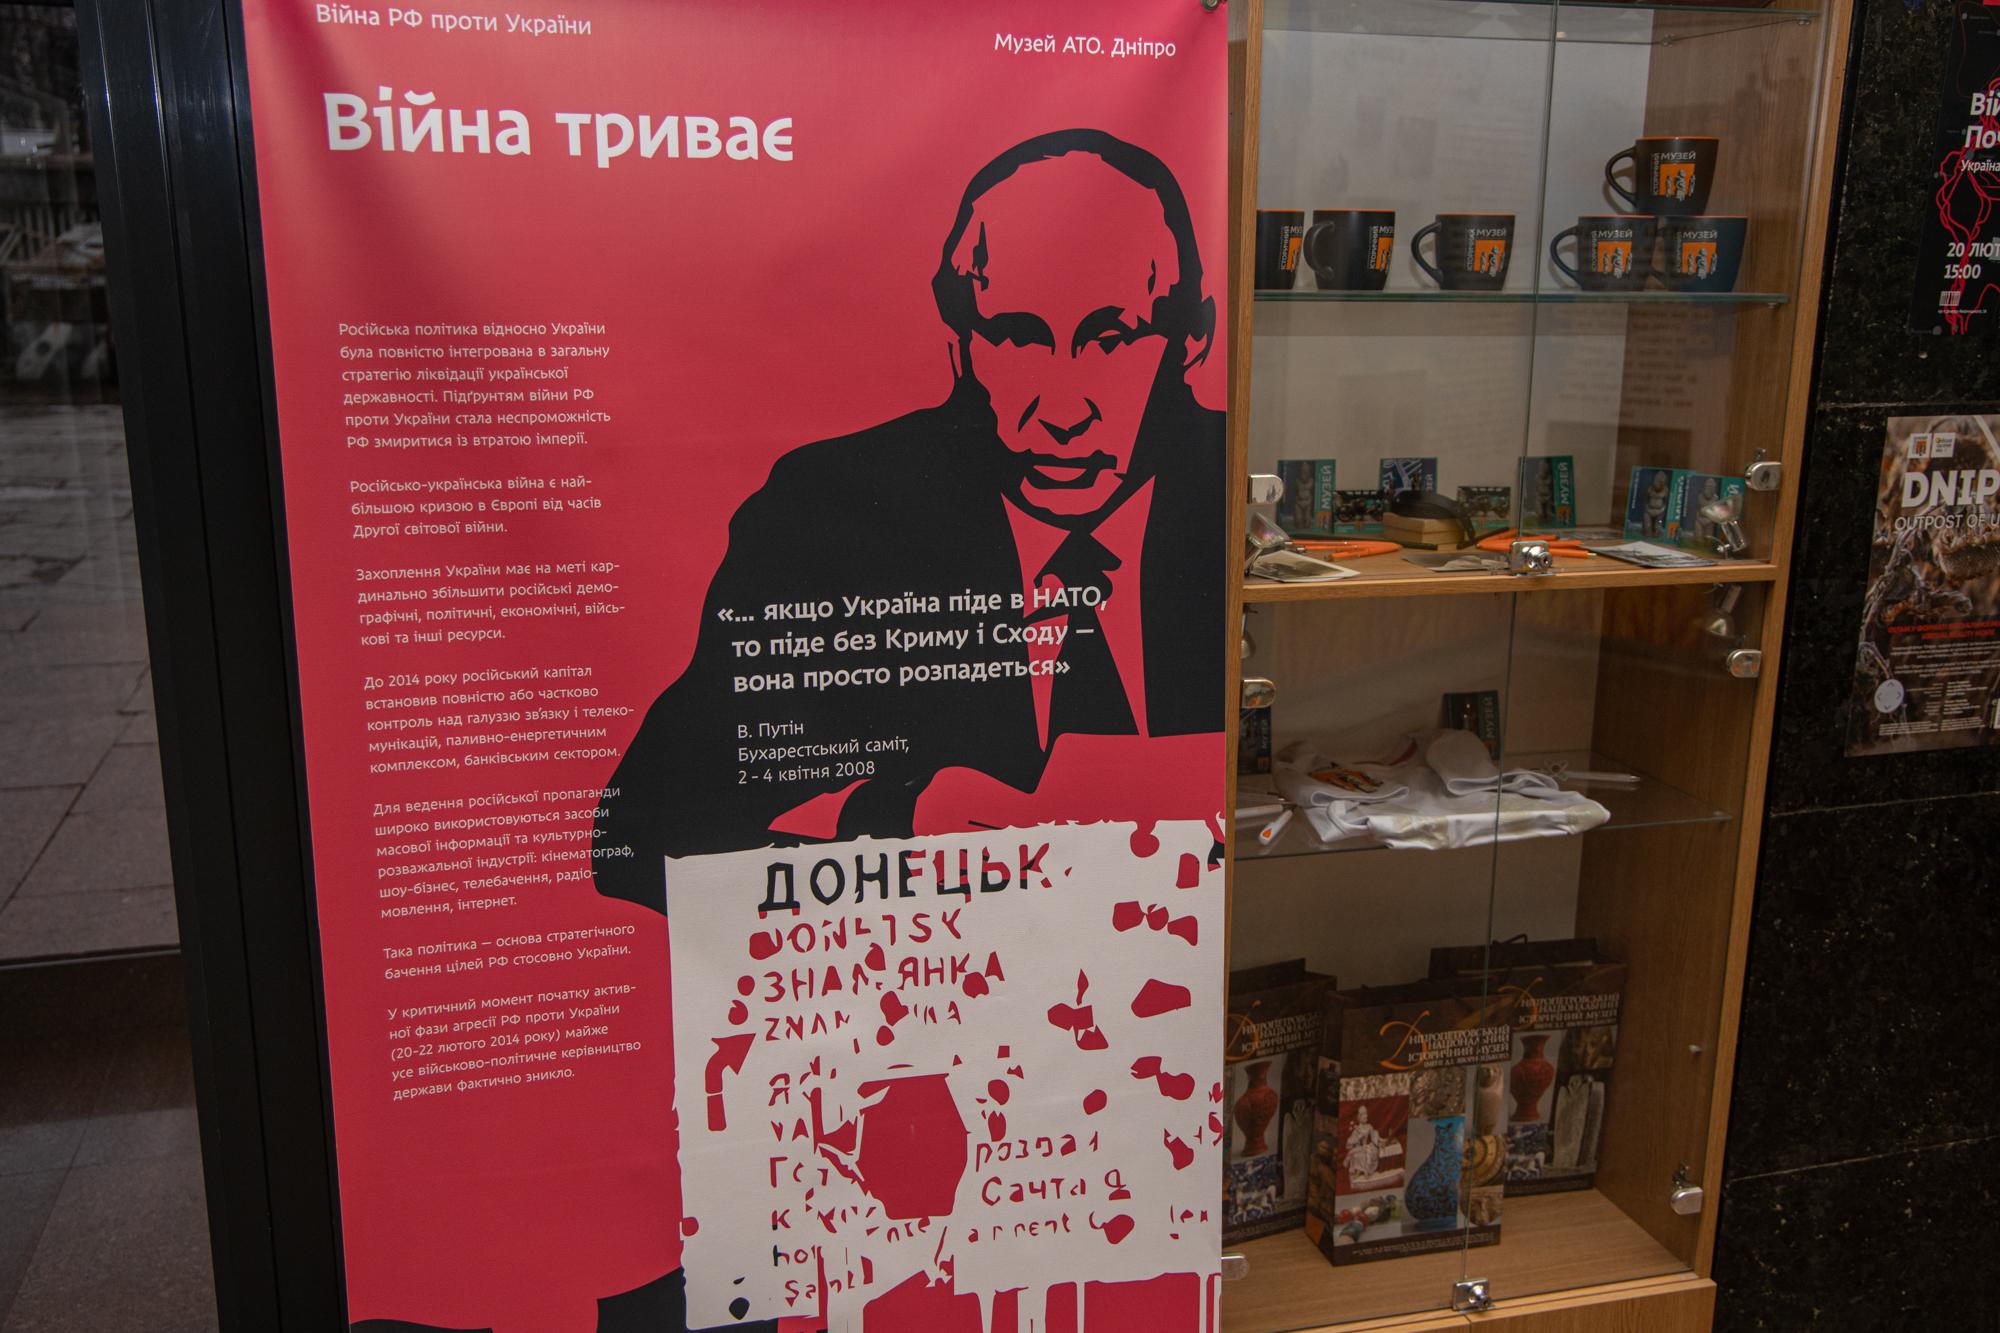 Банери помандрують районами області. Після цього – містами України